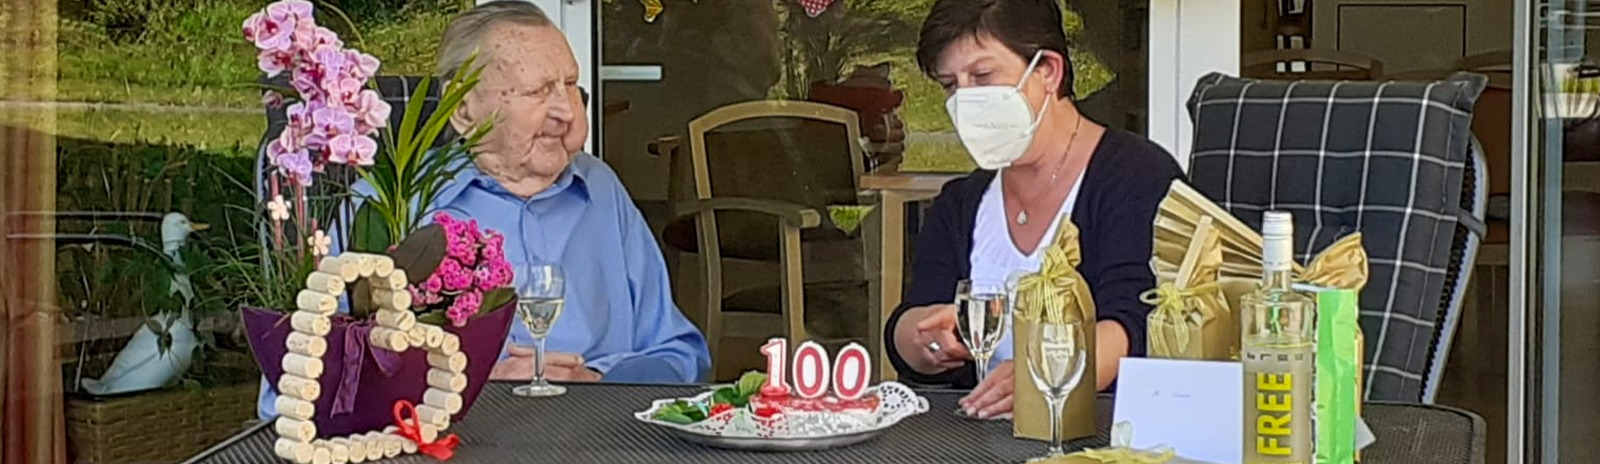 Marienhöhe_100.Geburtstag_slider